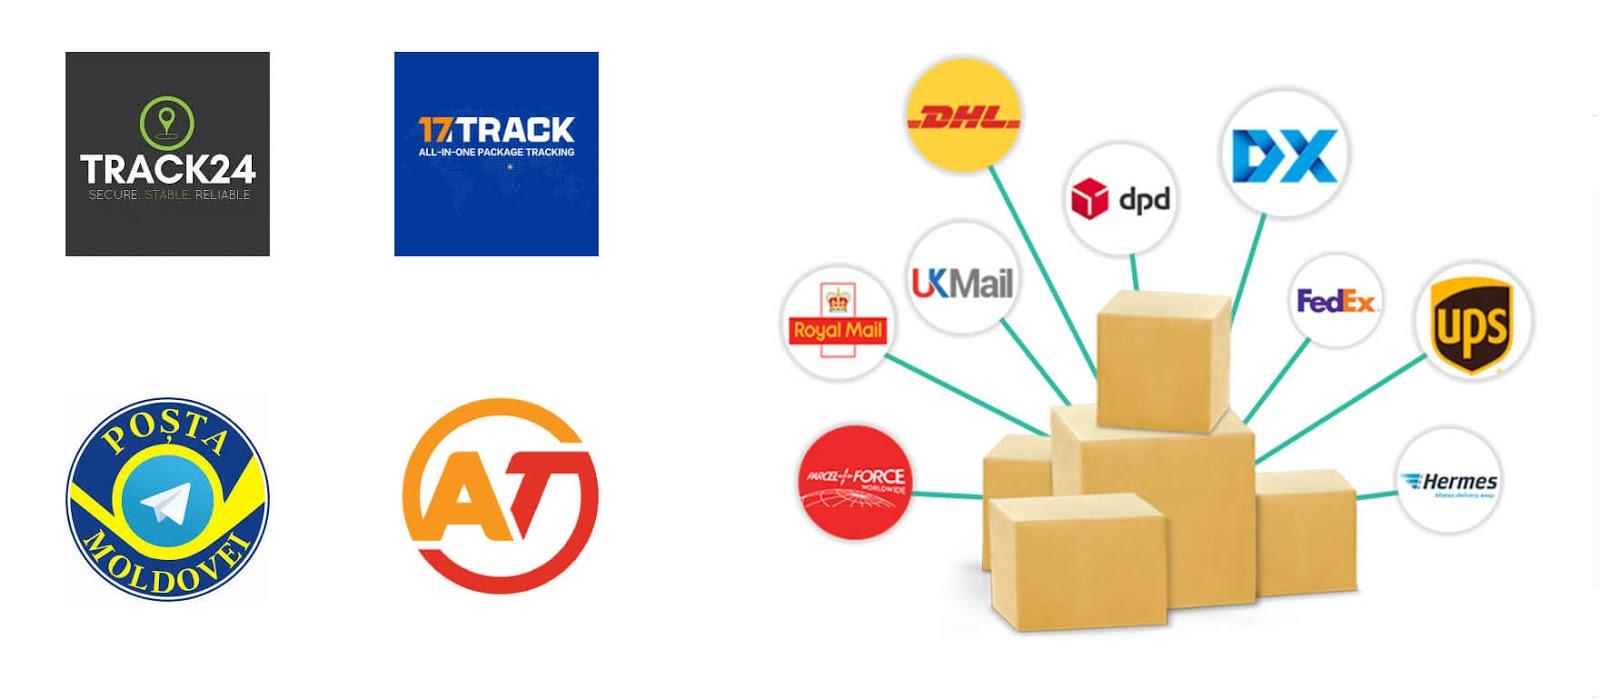 Urmarire pachete din China cu 17track.net, trackitonline.ru, track24.net, posta.md